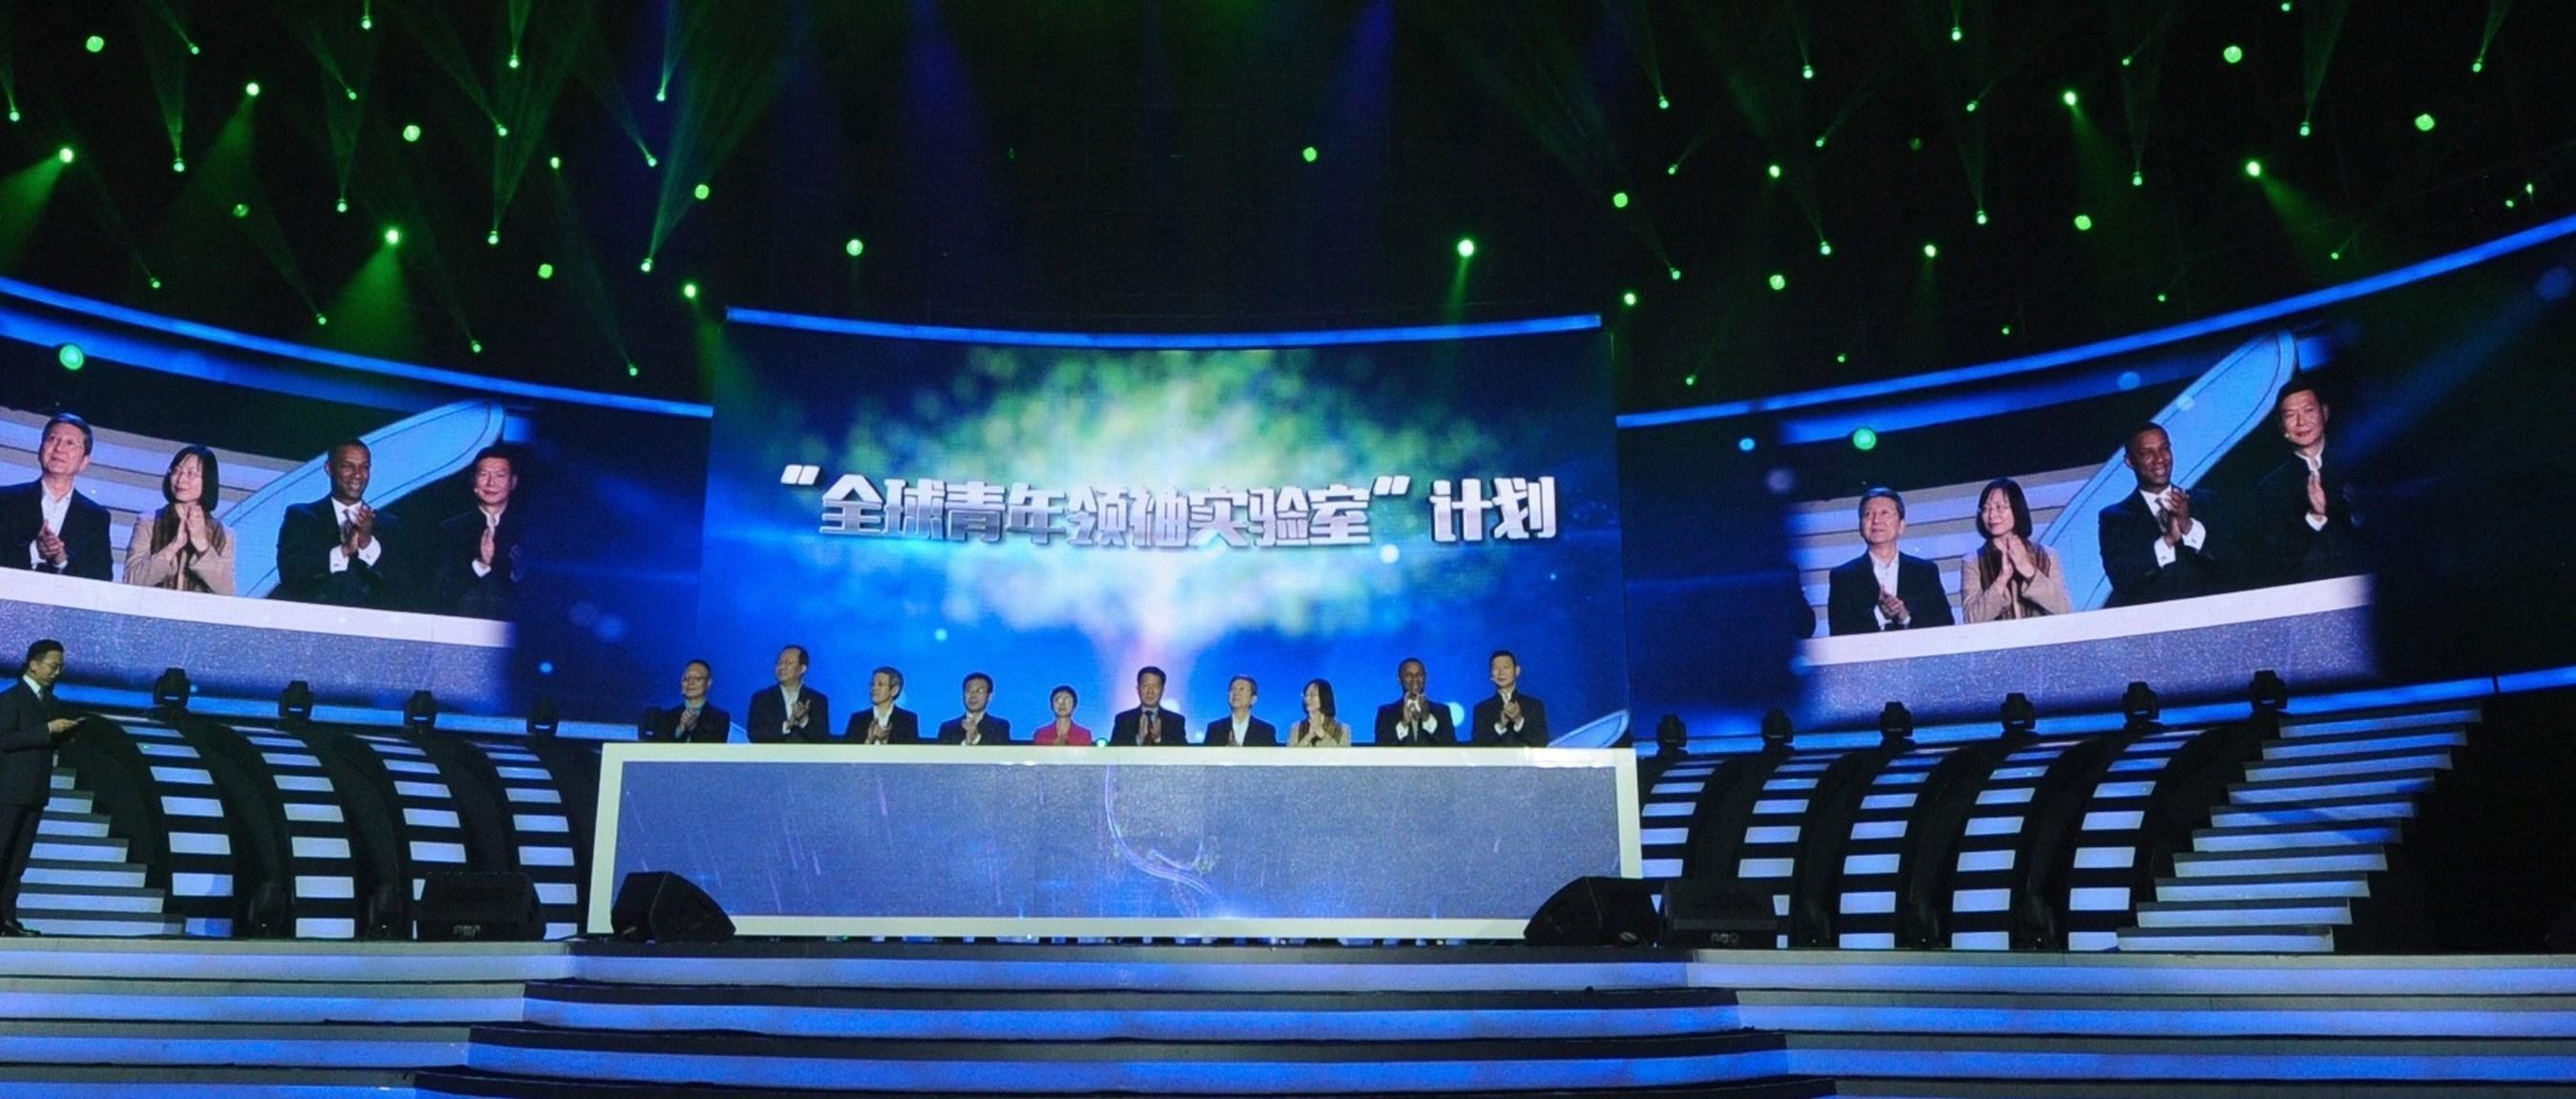 Perfect World ospita l'evento di gala per il decimo anniversario e il lancio formale del programma